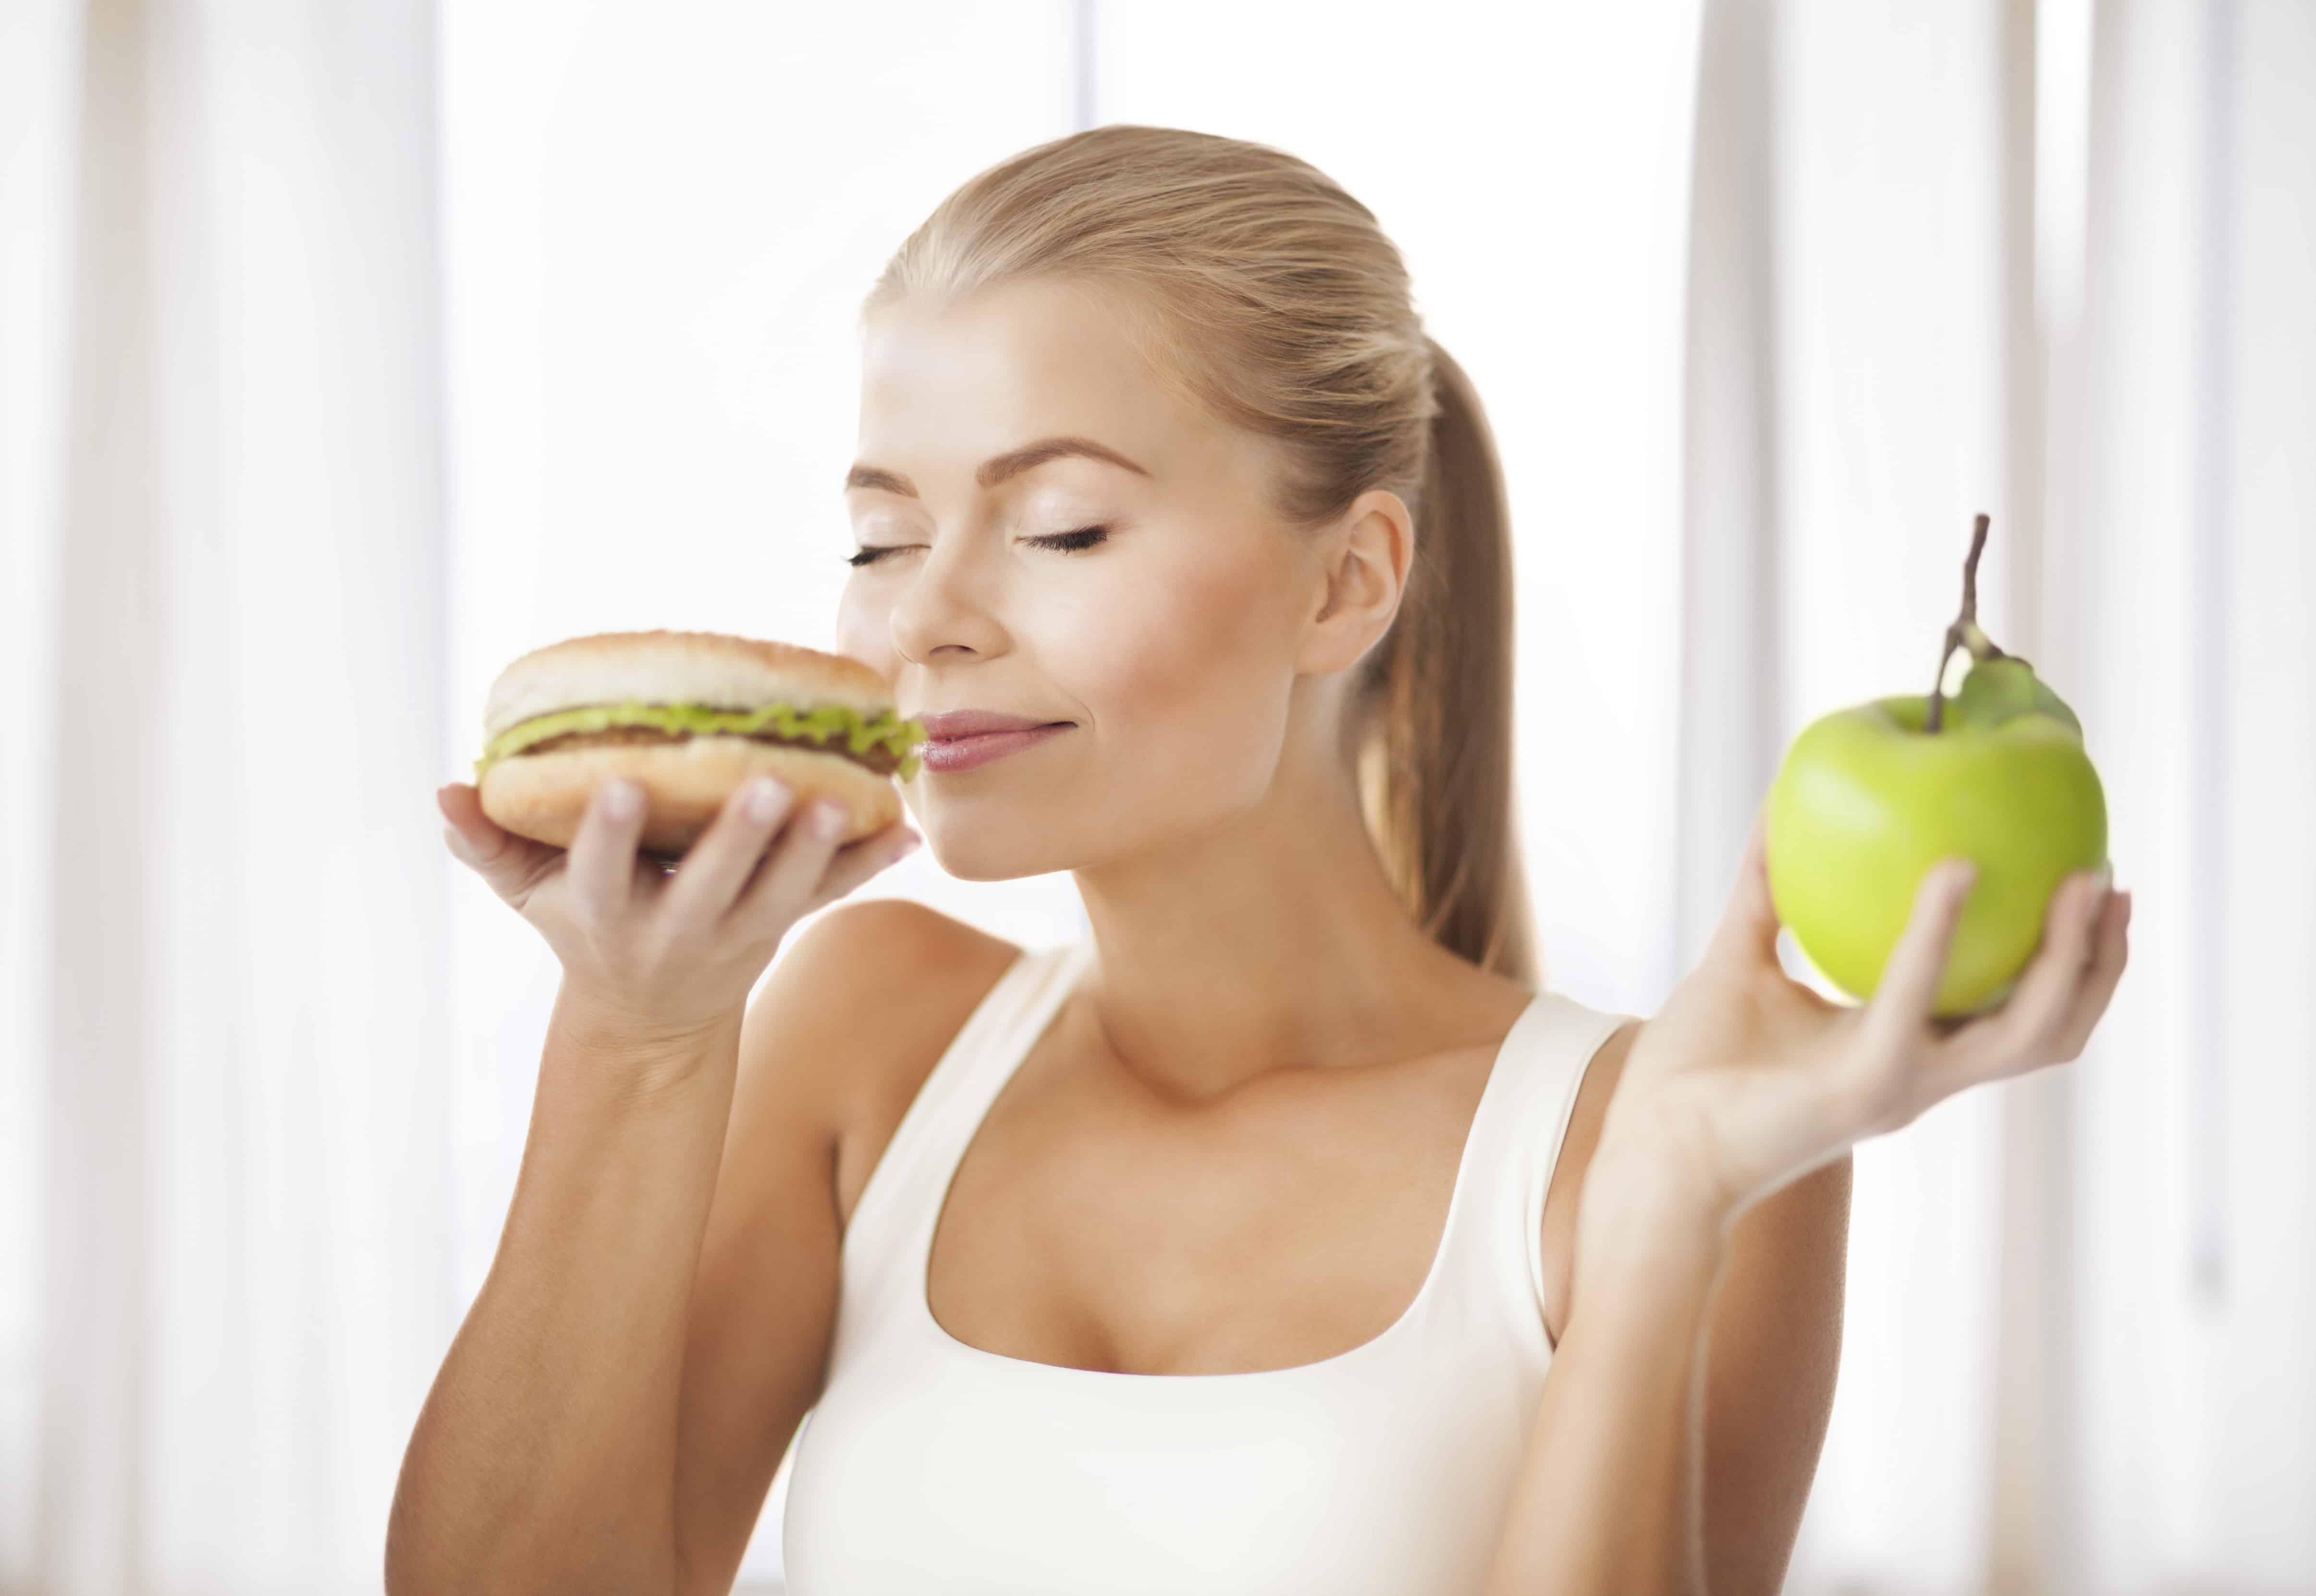 4 способа уменьшить тягу к сладкому : Способы и советы 16